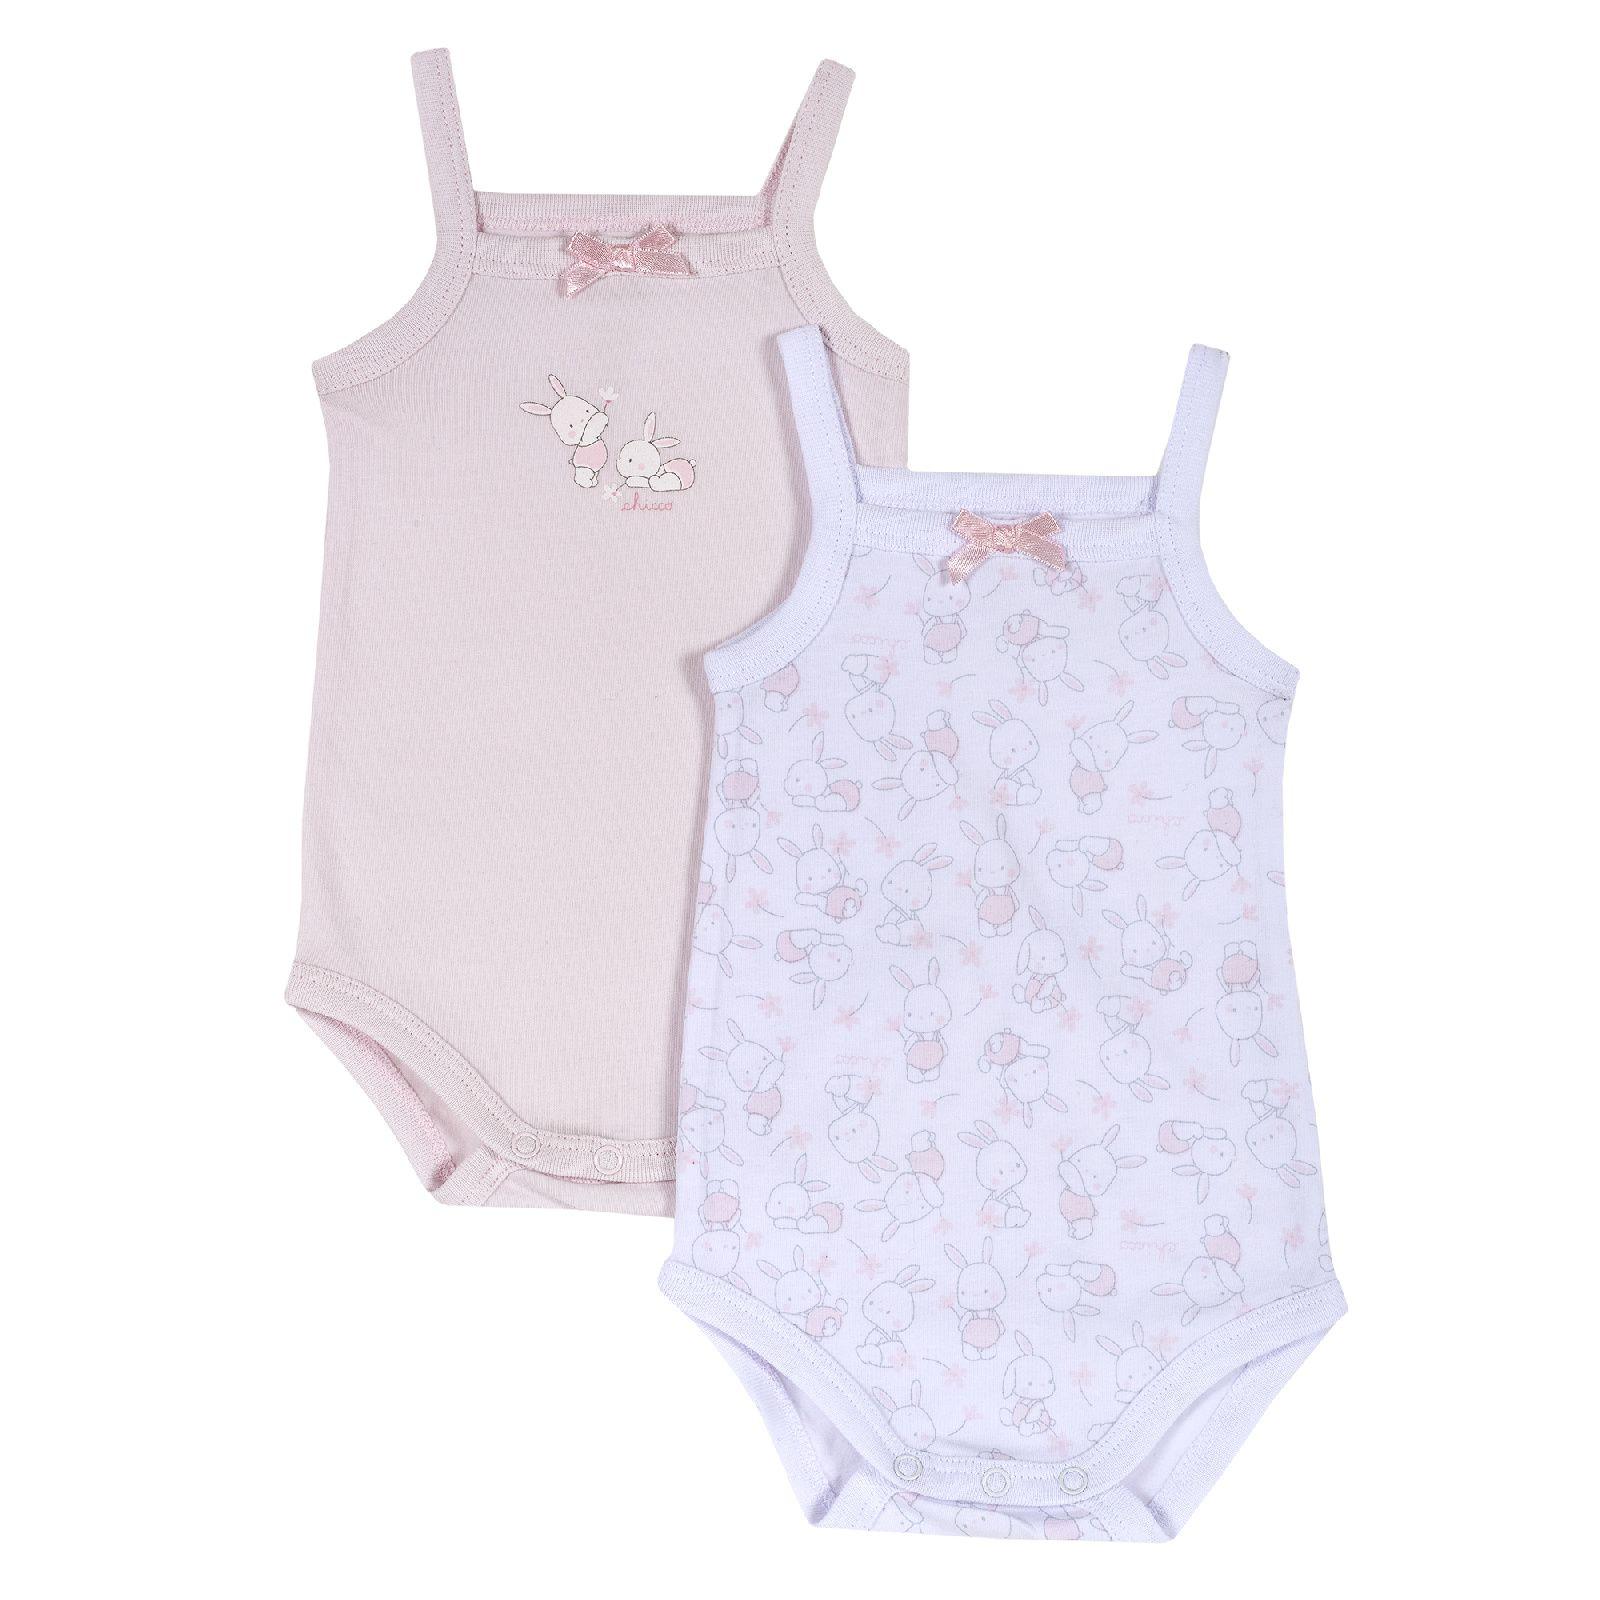 Купить 9011433, Боди для девочек 2 шт. Chicco Зайчата, цвет розовый, размер 68, Боди для новорожденных